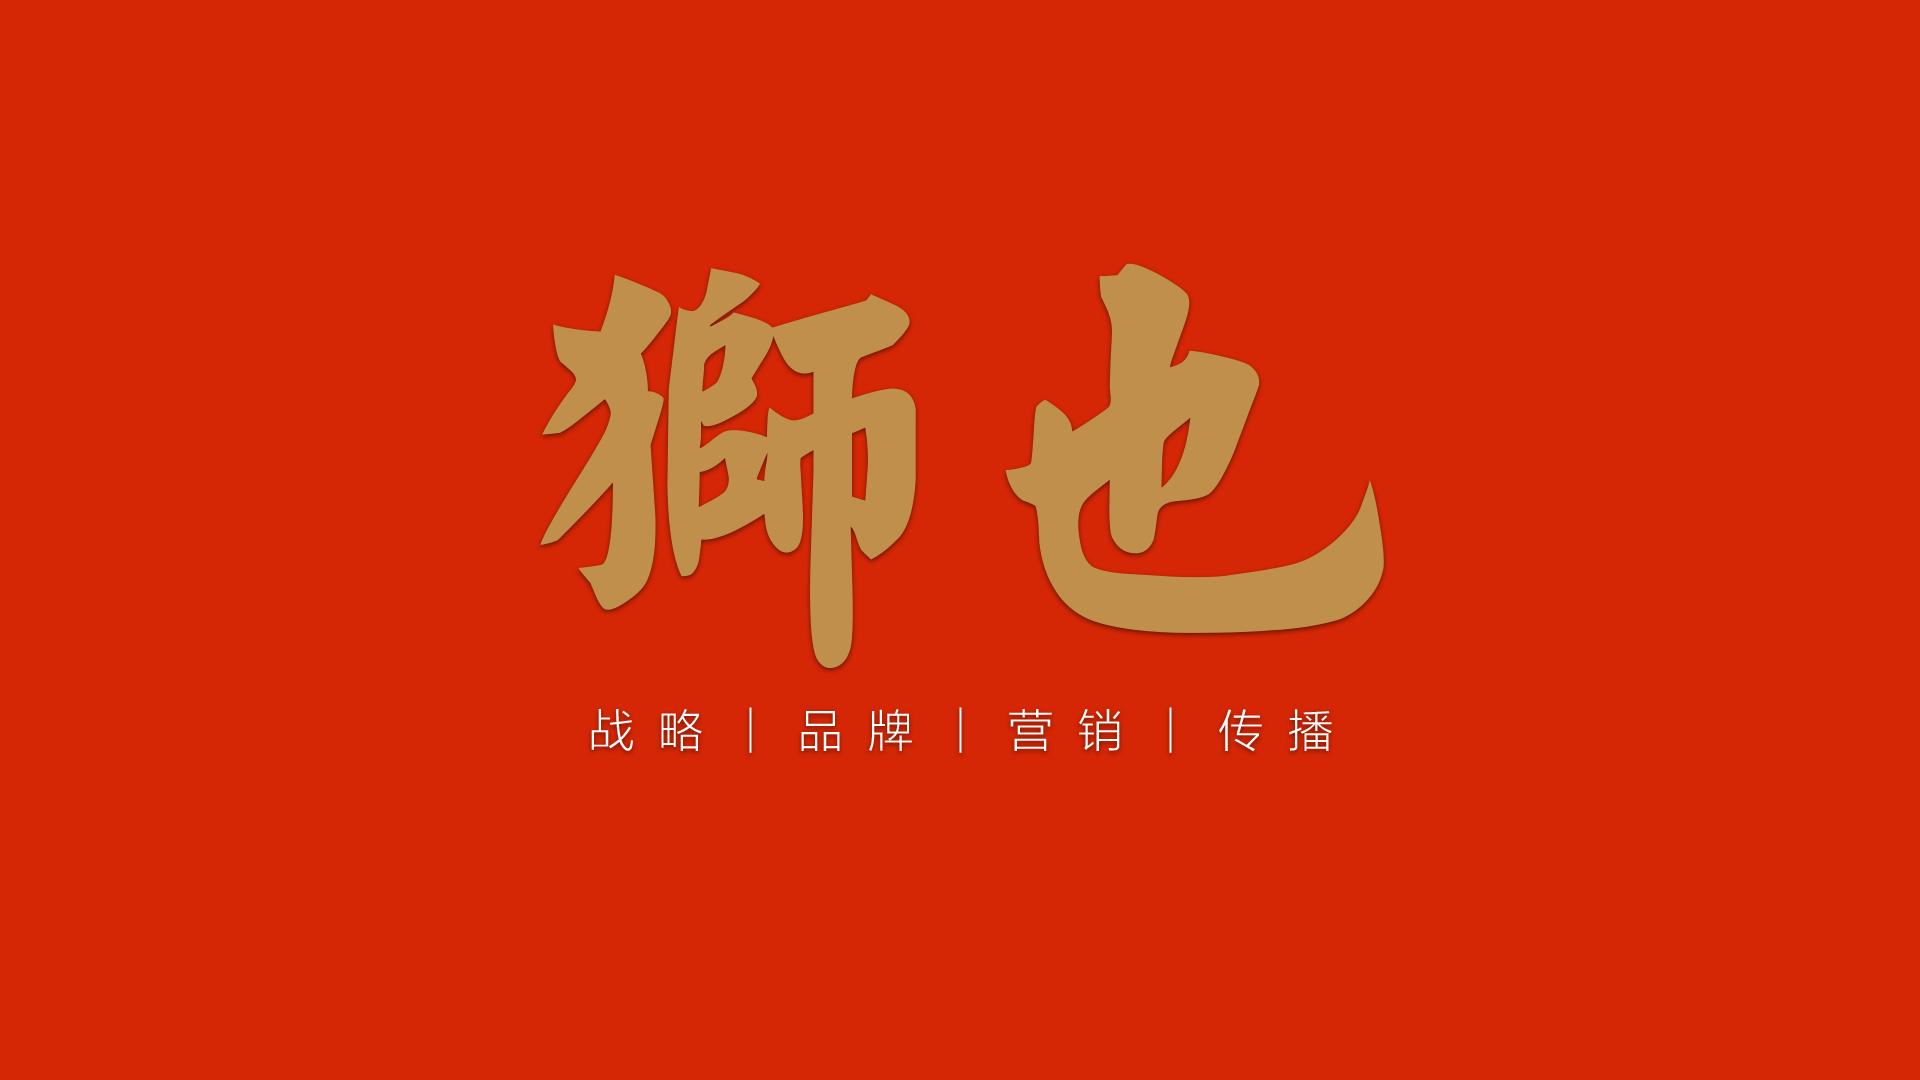 上海营销策划公司—企业战略管理的9个基本步骤